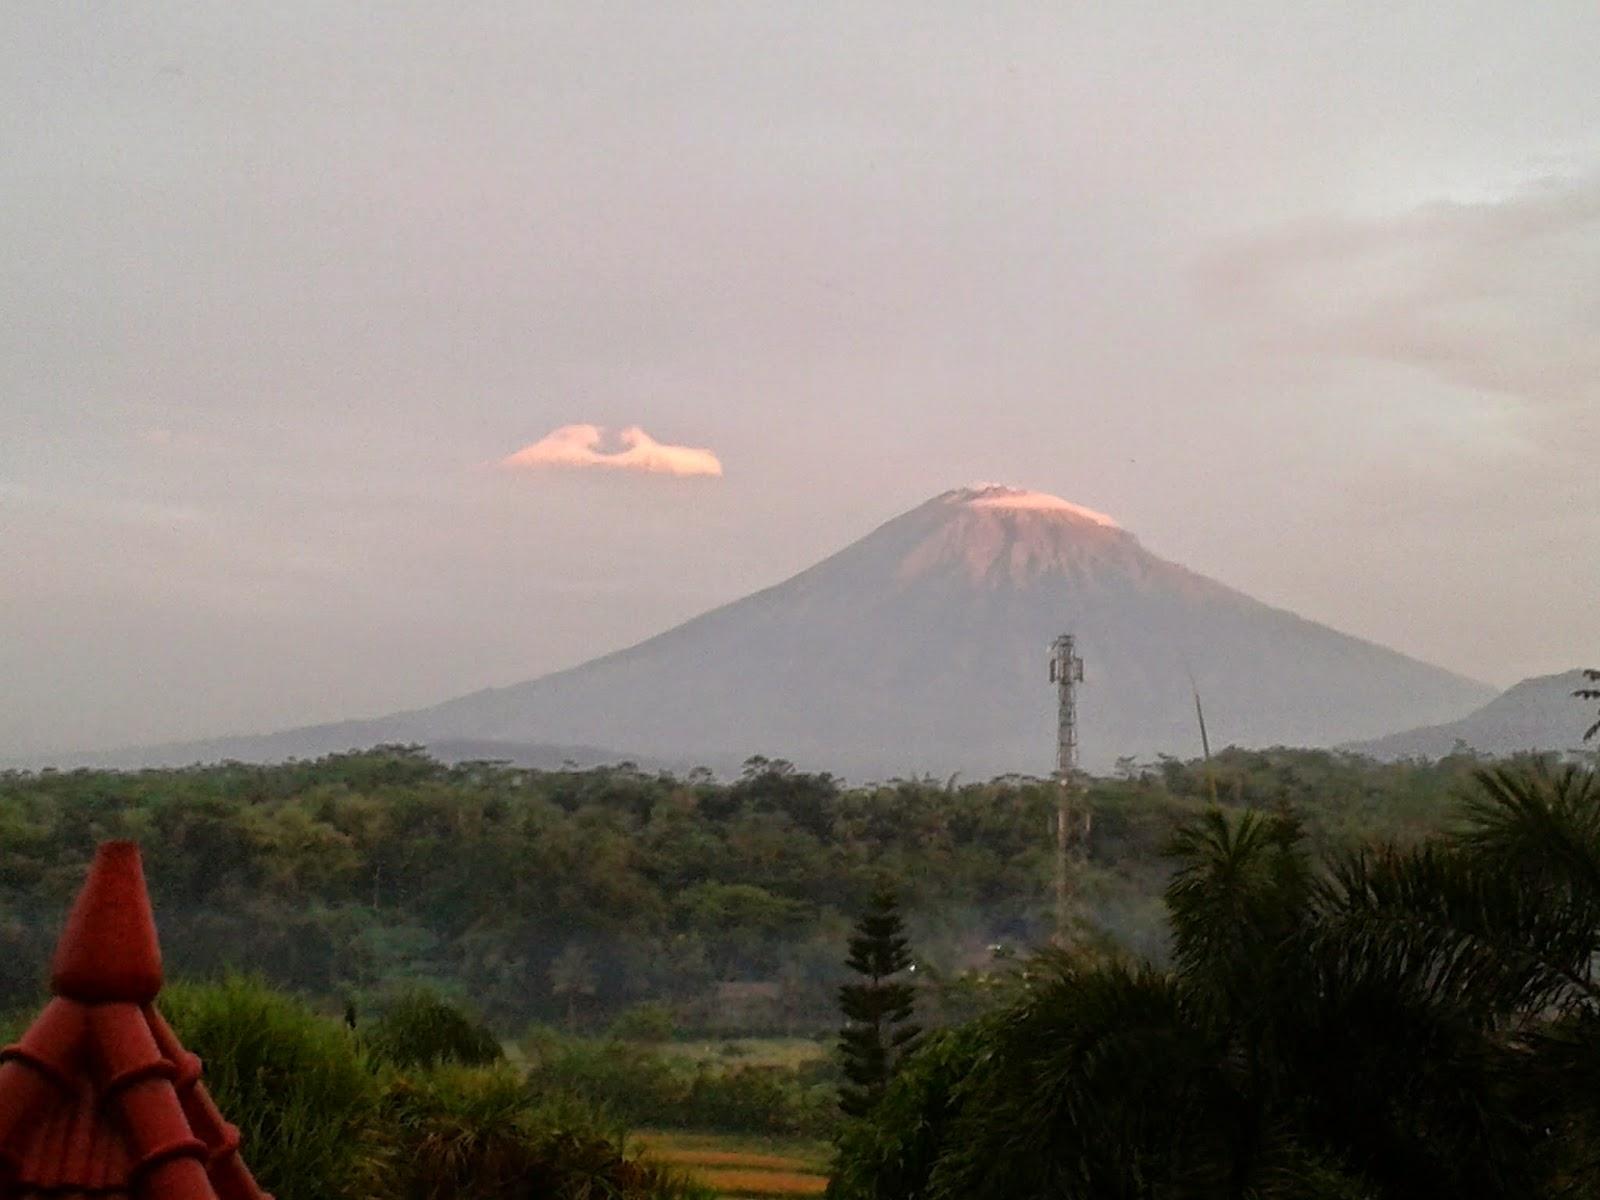 Gunung terlihat dari kejauhan